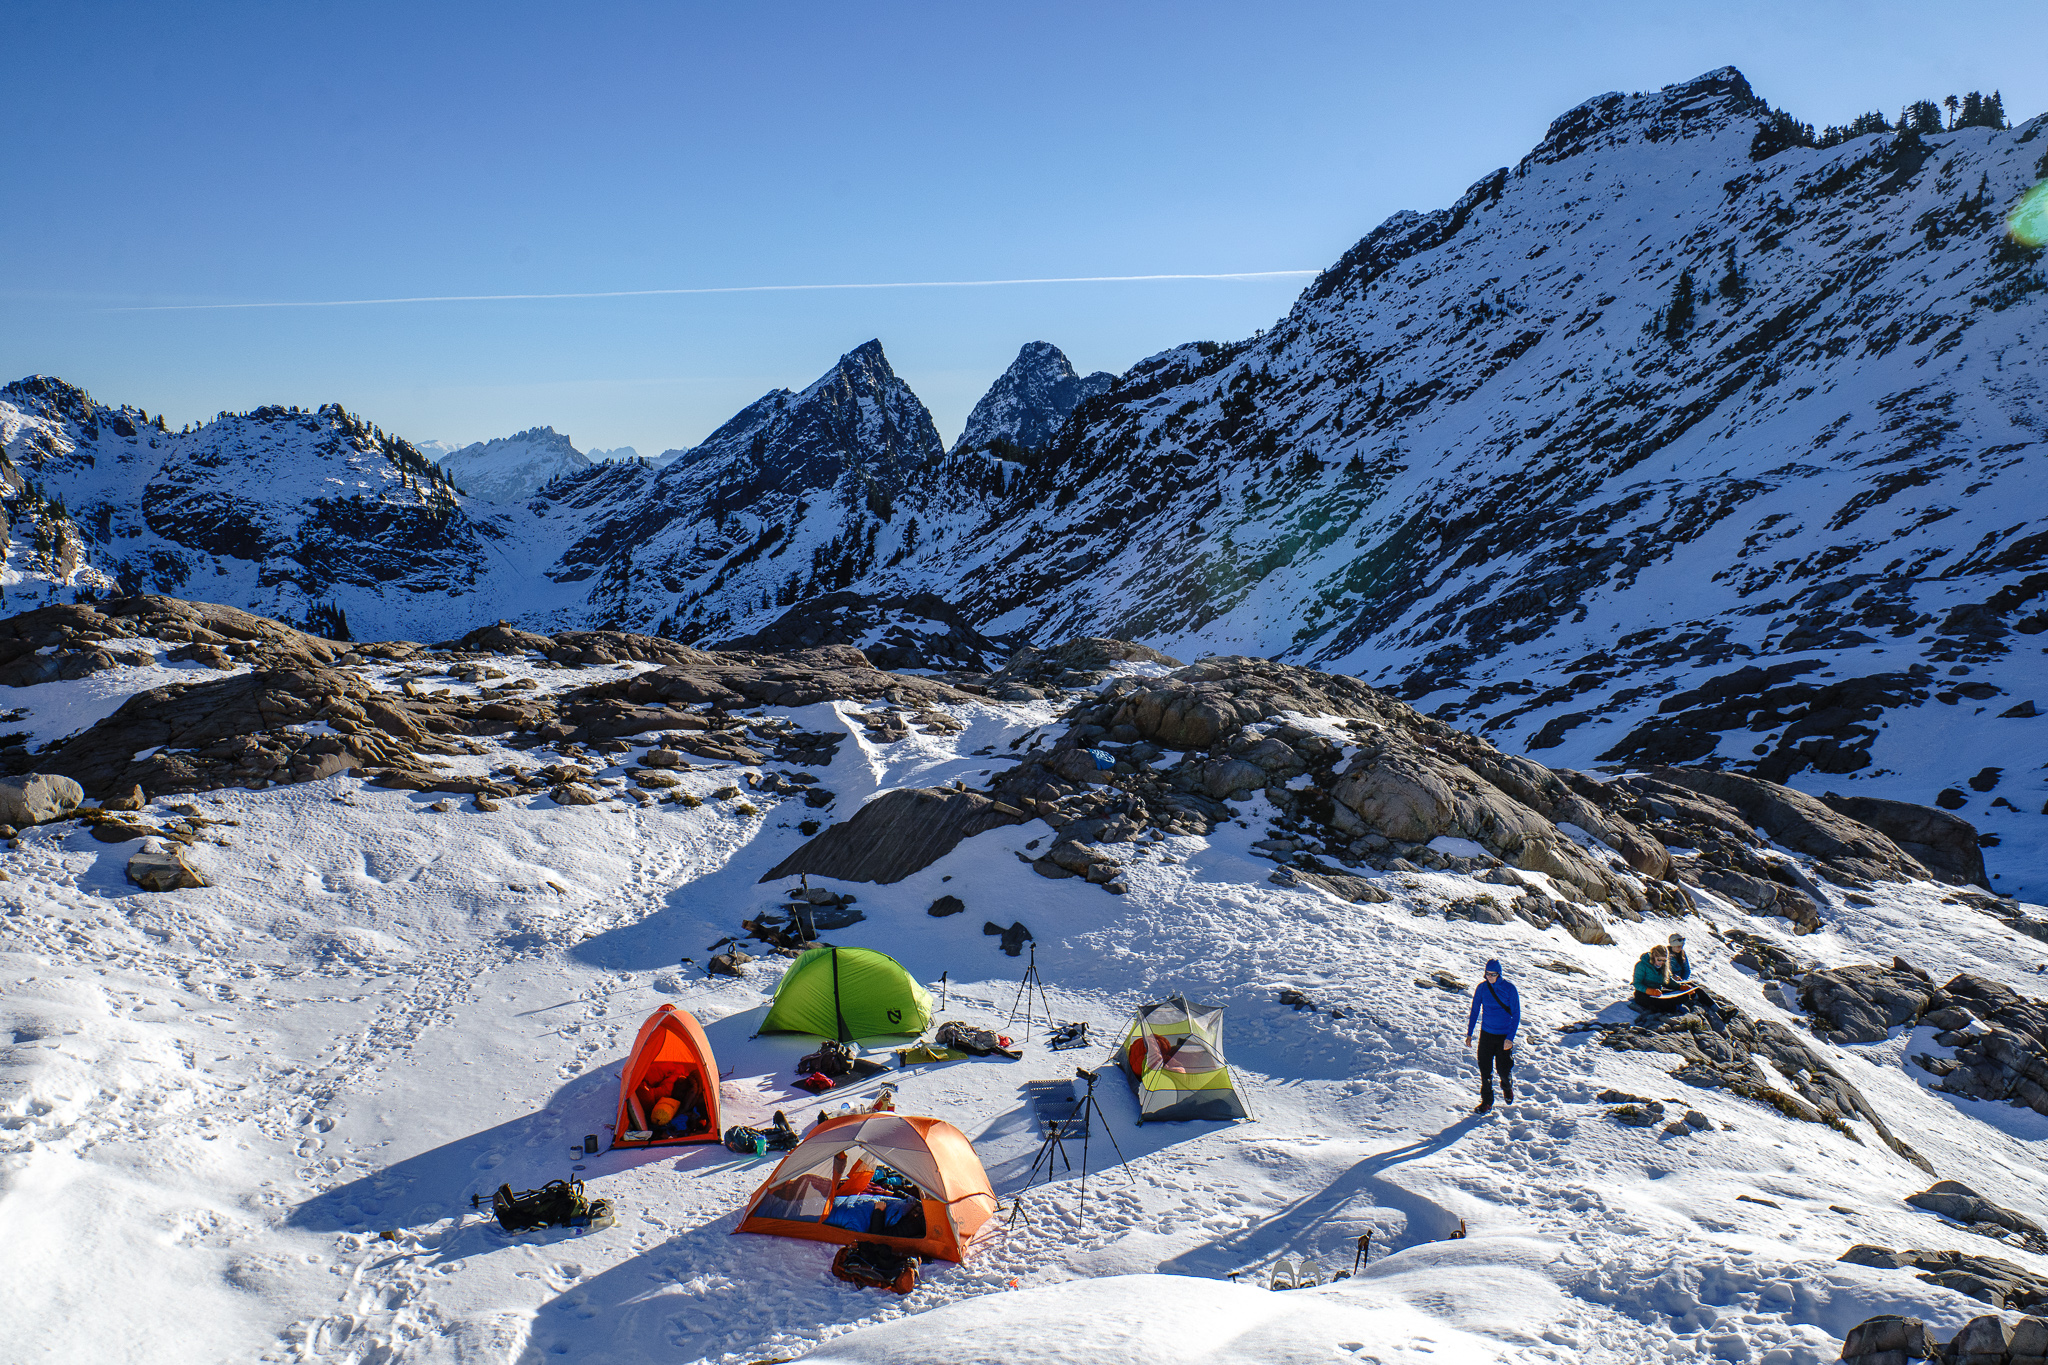 Little snowy camp village